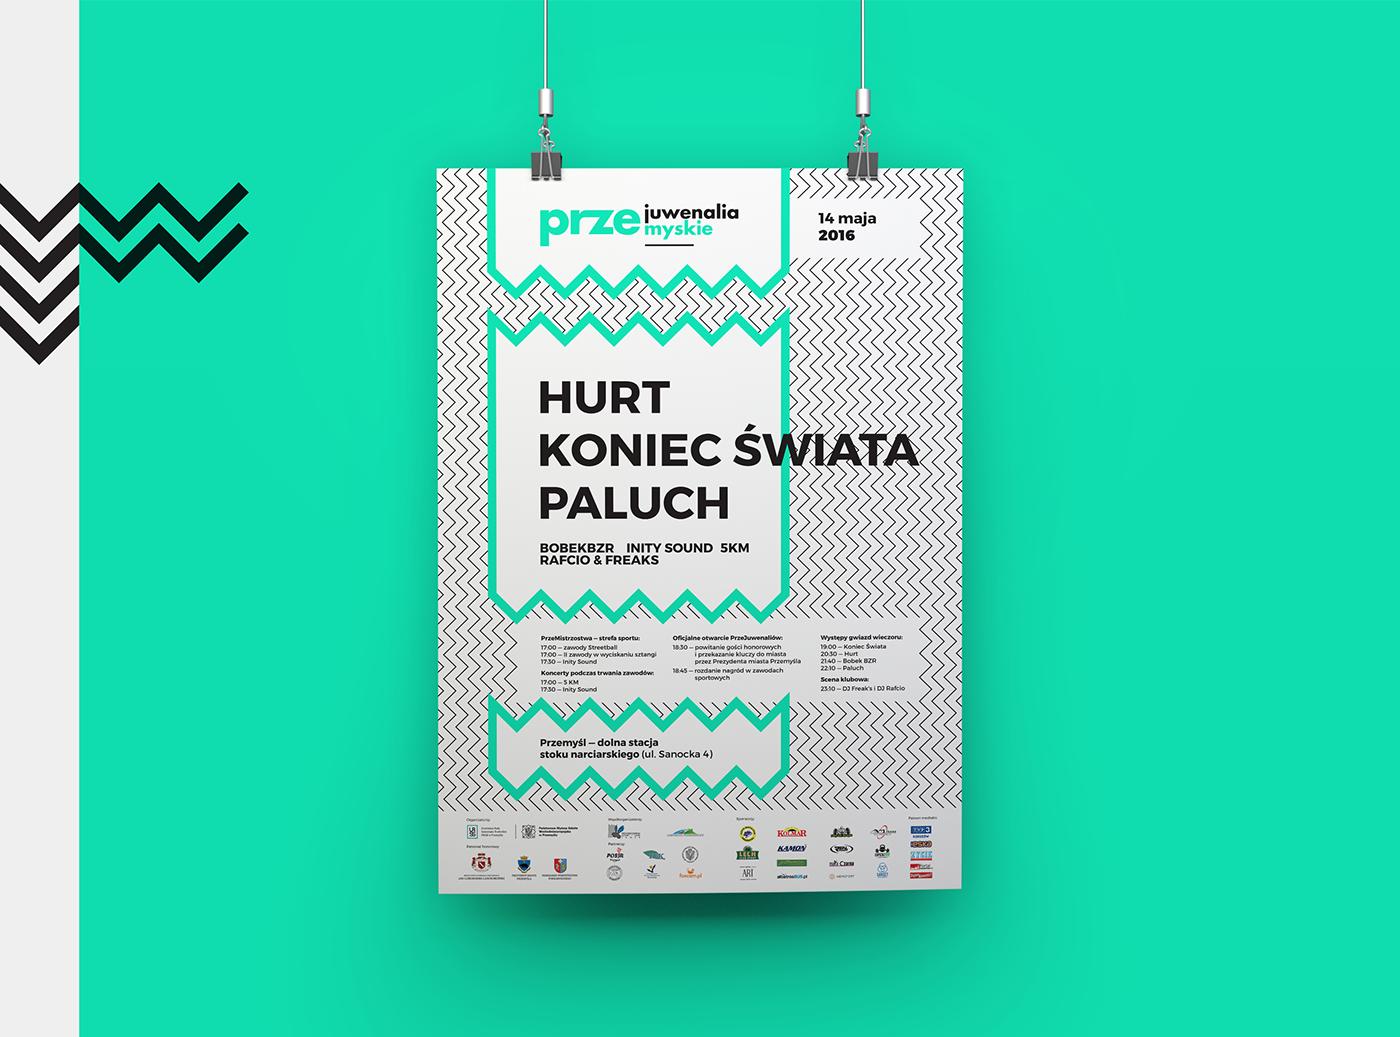 Przejuwenalia Przemyśl Przemyskie Juwenalia festival Event student Podkarpackie Pwsw projektowanie graficzne